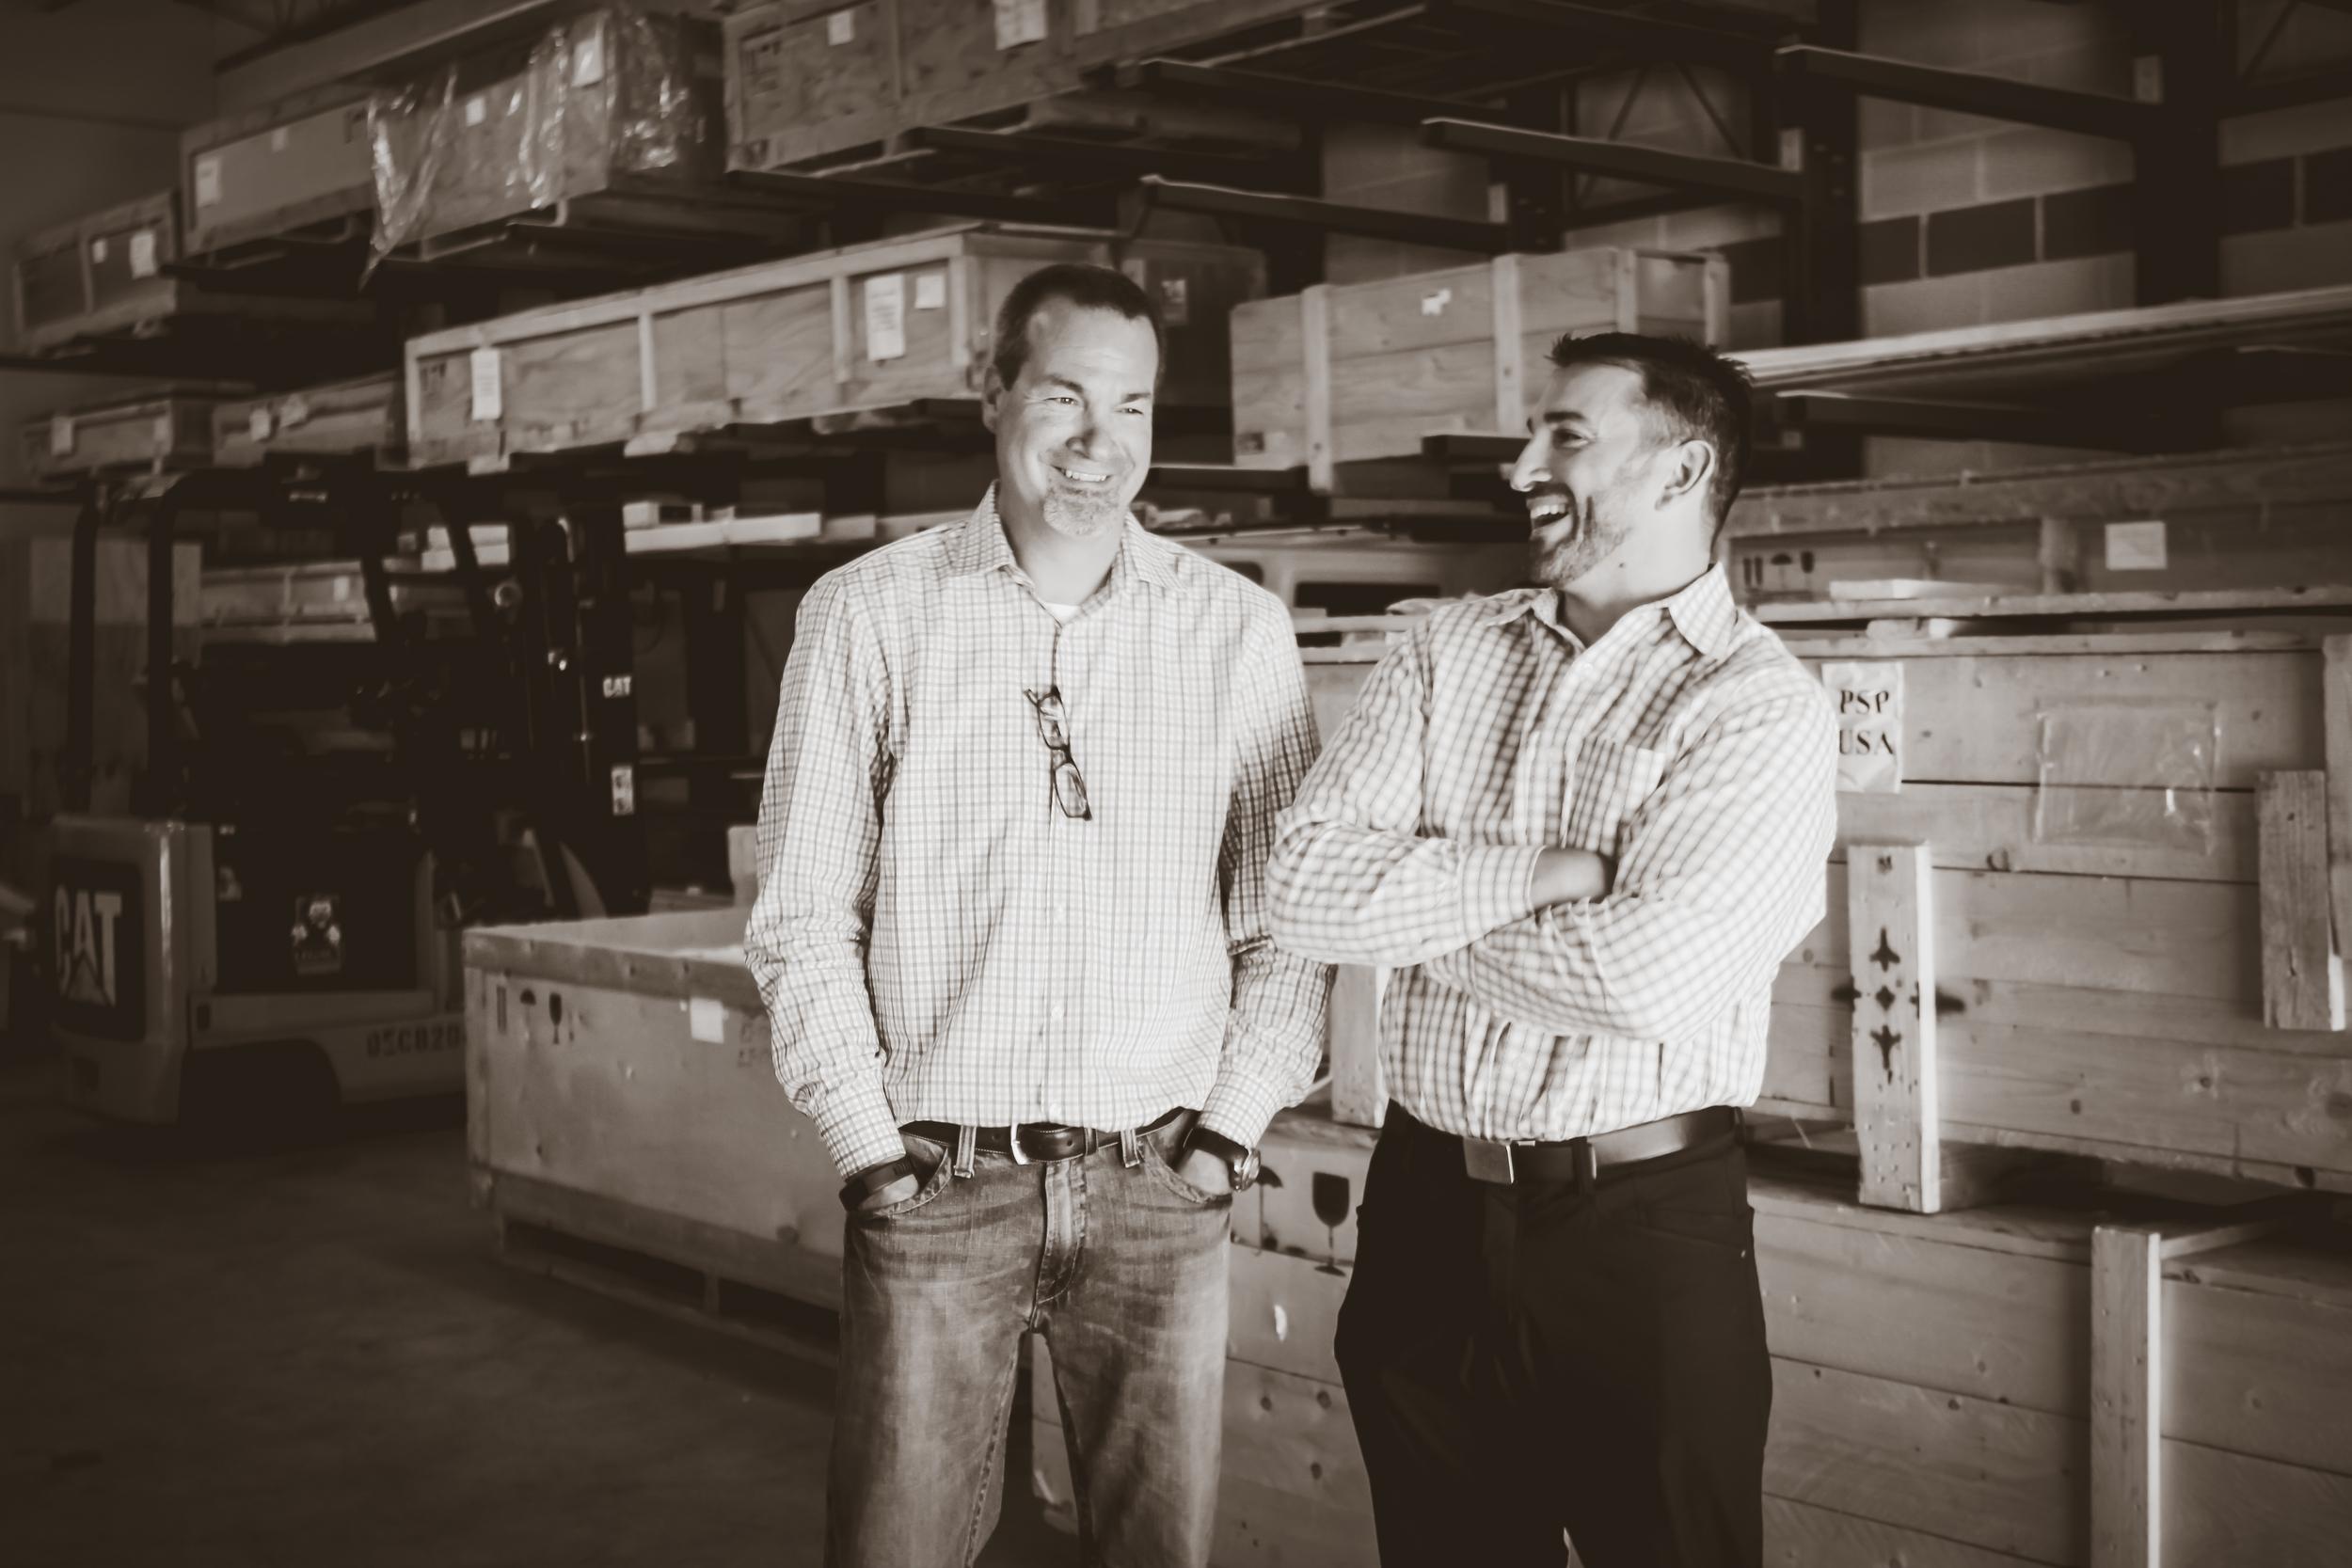 Tony Jones and Alex Franco at PSP Marketing